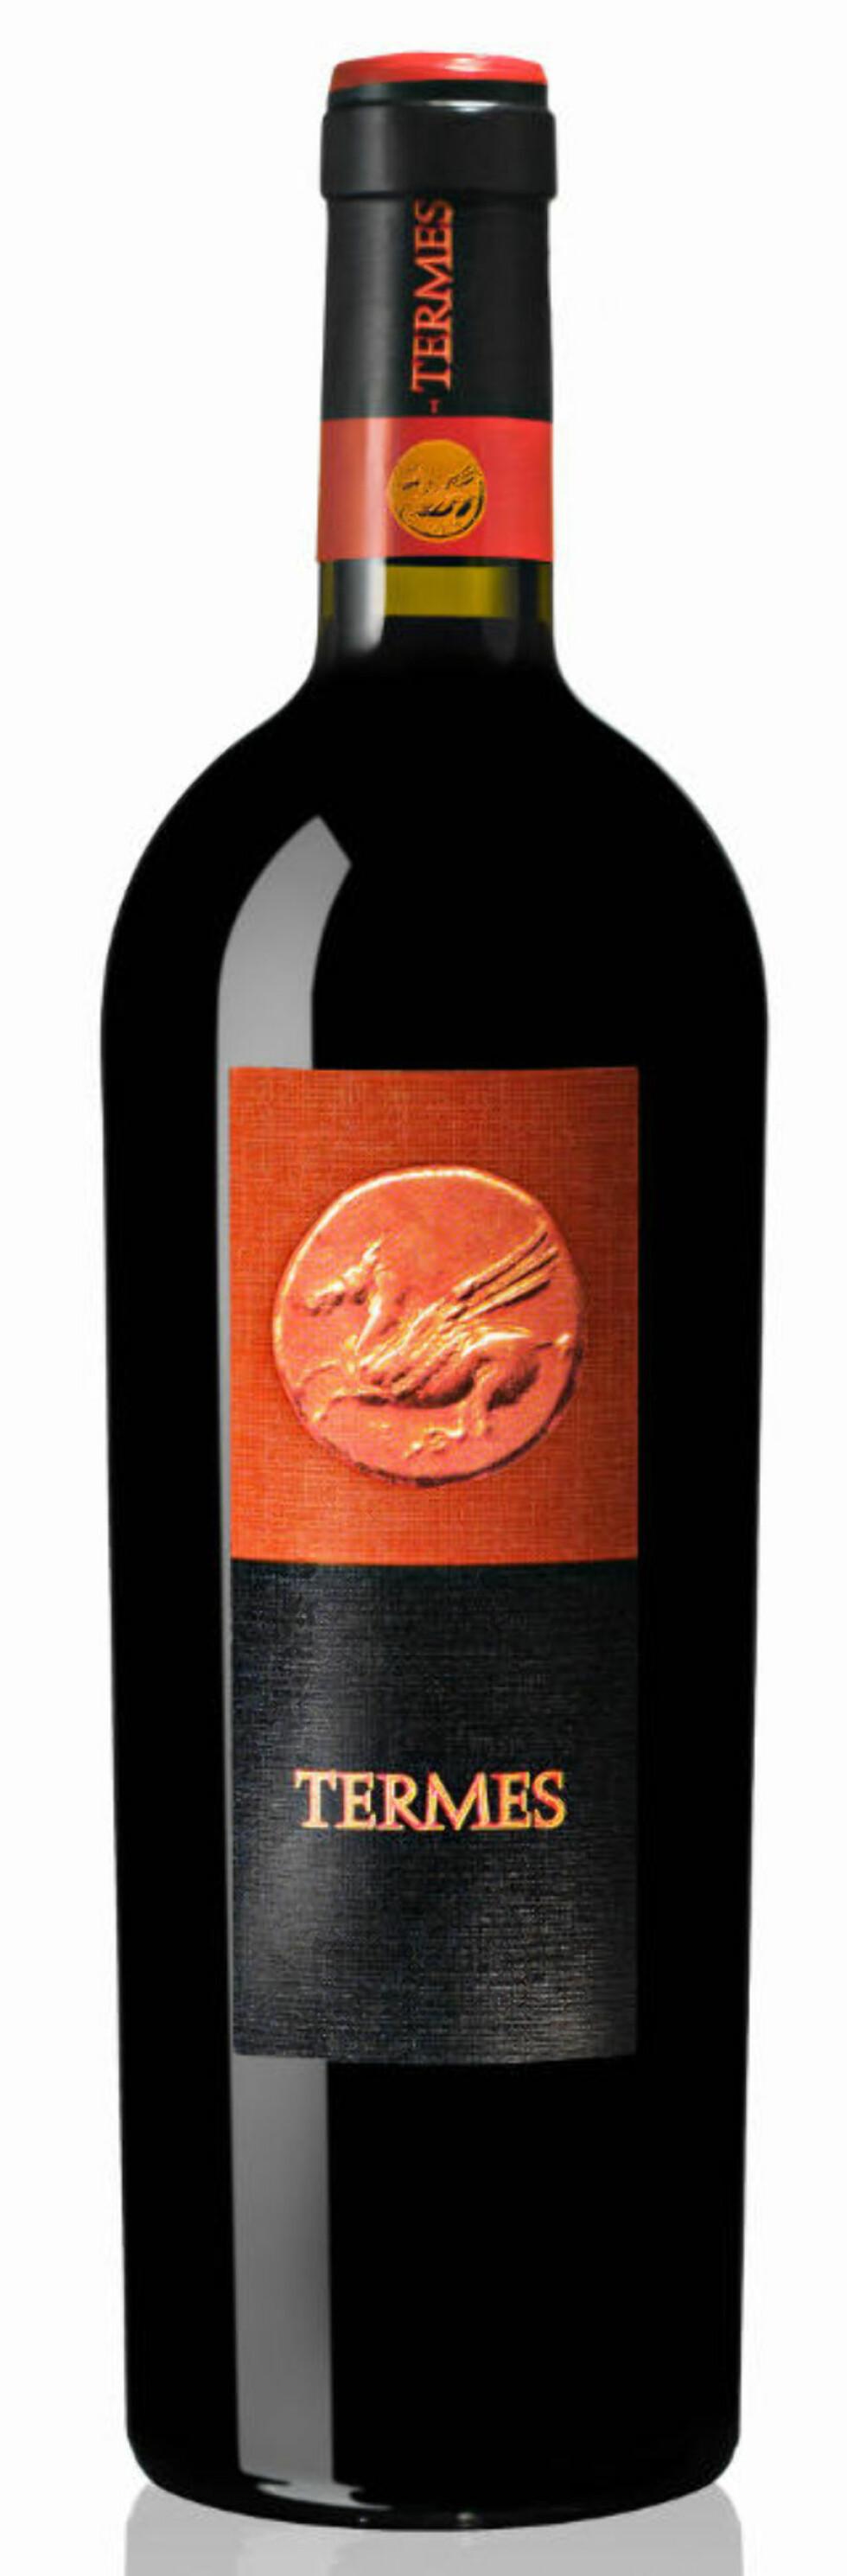 MEGET GOD: Termes 2008 fra en av Spanias fremste ikonvinprodusenter.